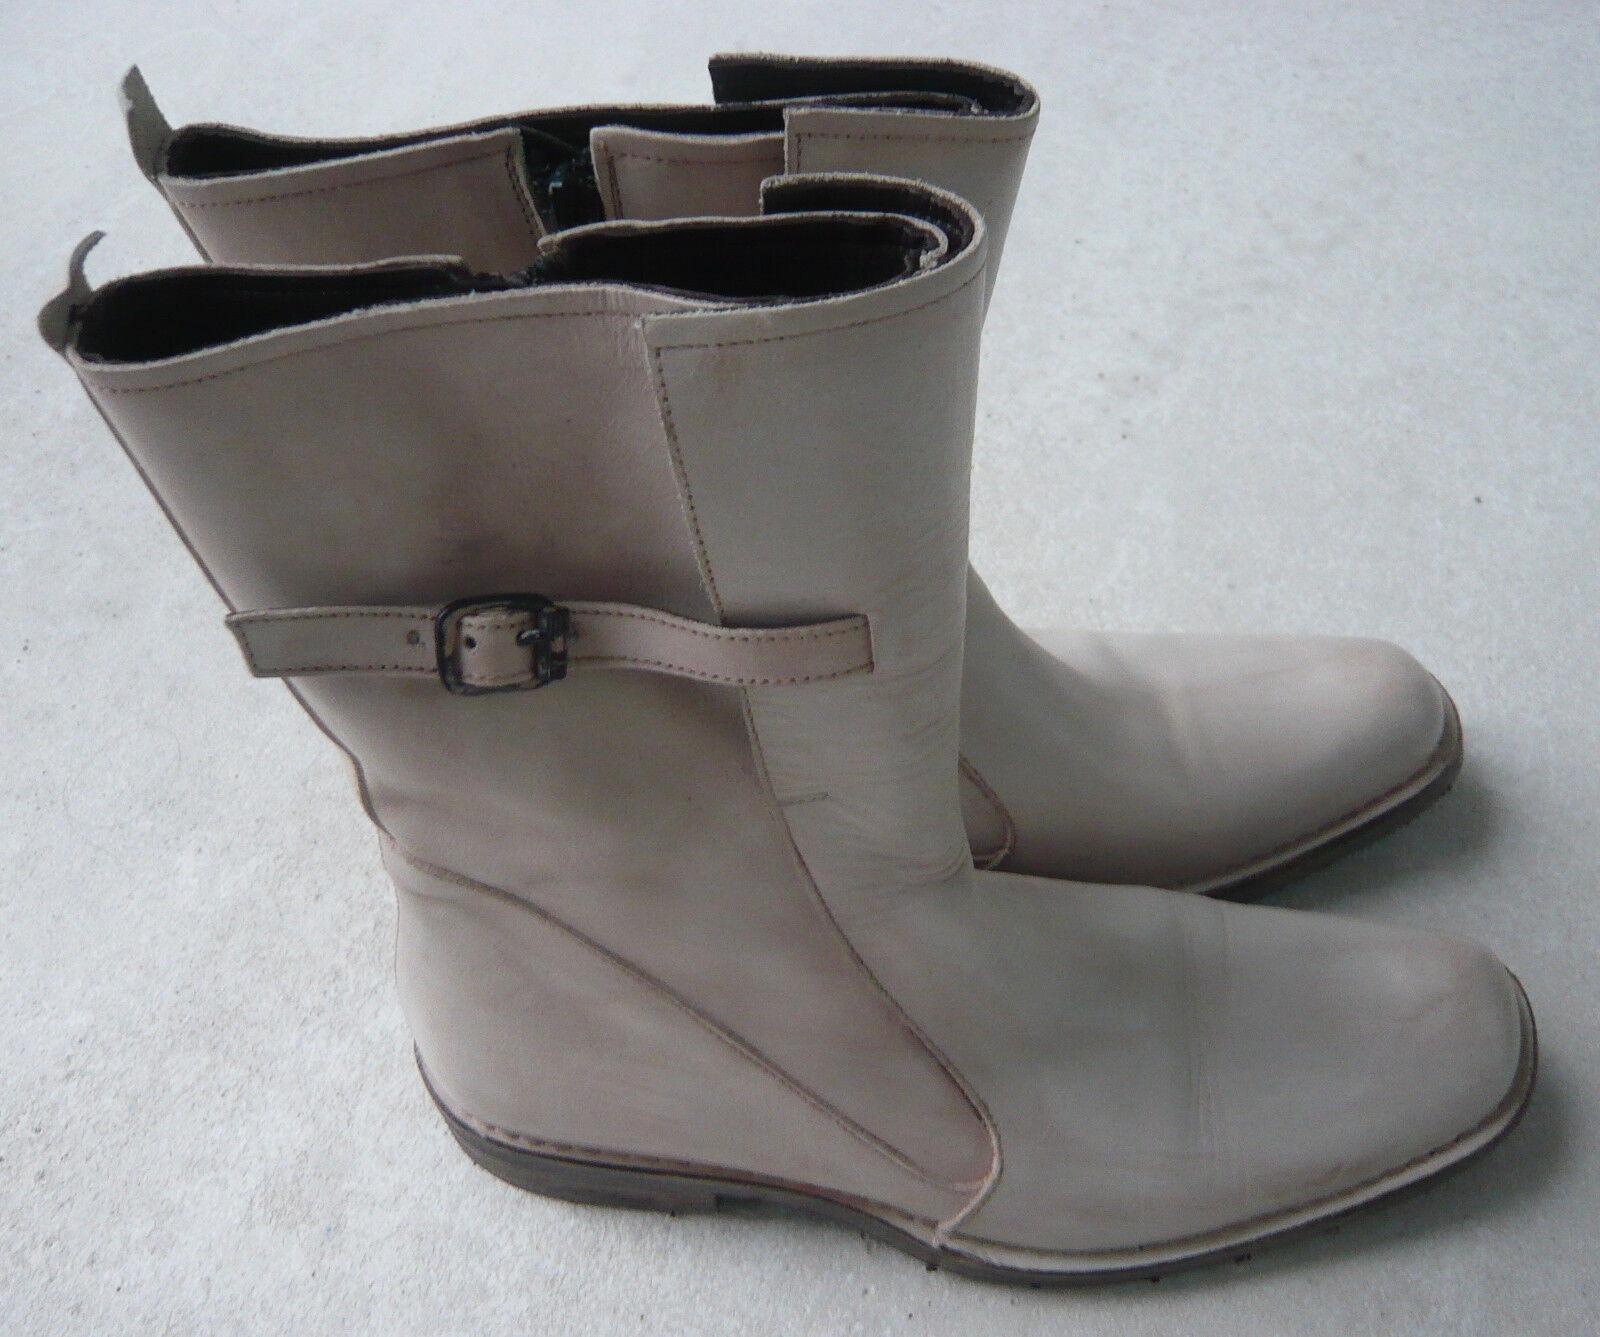 NEW ROCK BOOTS Gr. 38 offen Stiefel ähnlich wie Malicia